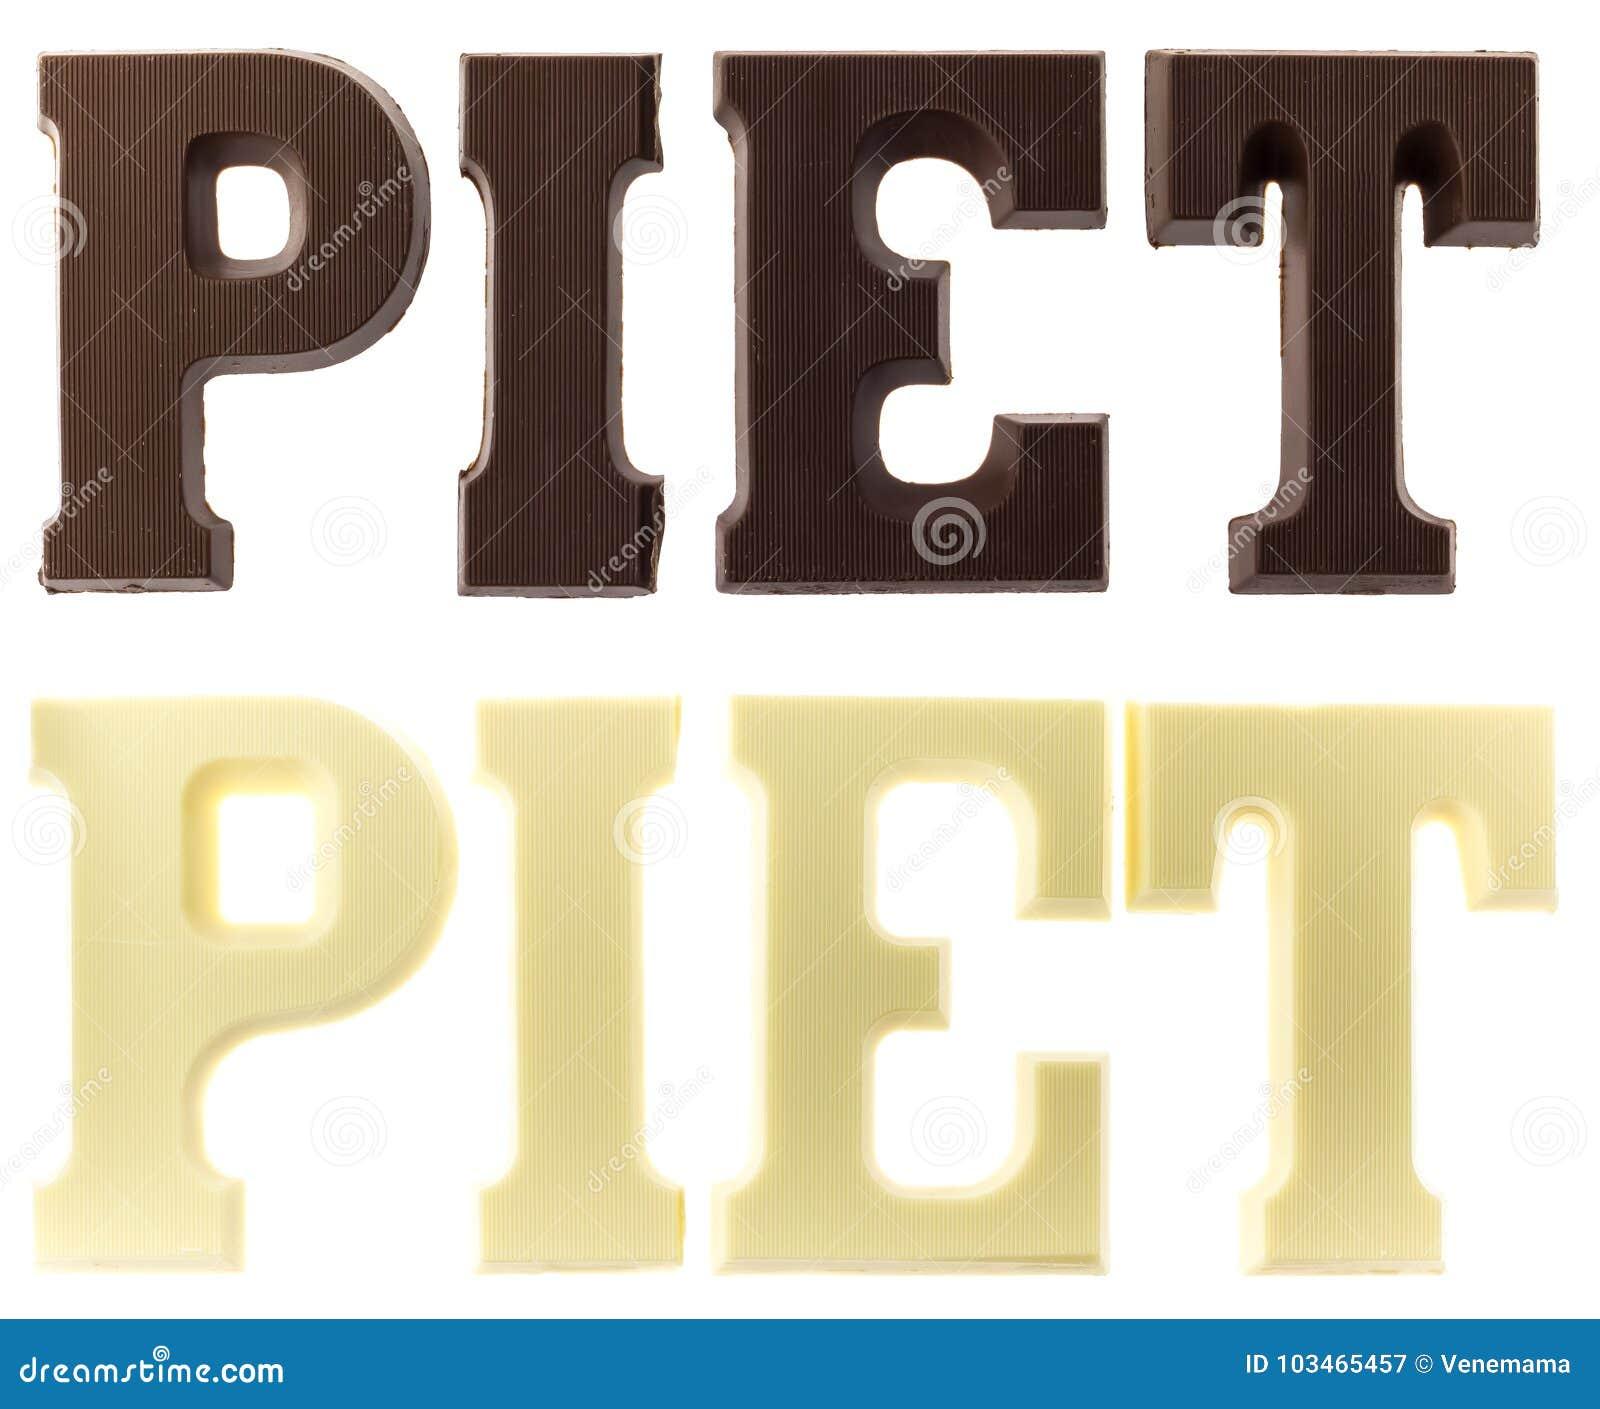 Buchstaben in der dunklen und weißen Schokolade, die den Namen schwarzen P buchstabiert